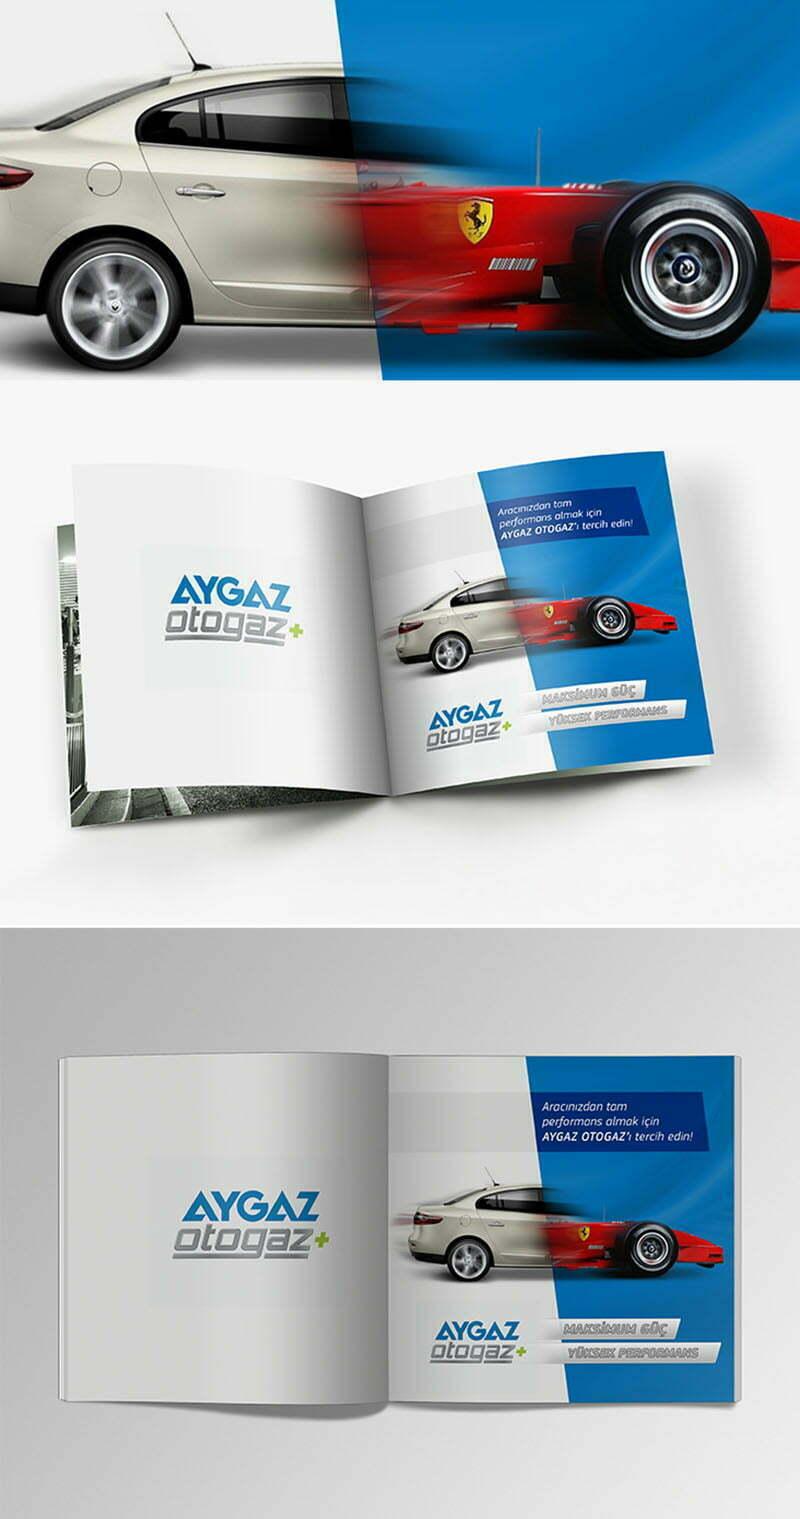 dergi reklam tasarımı